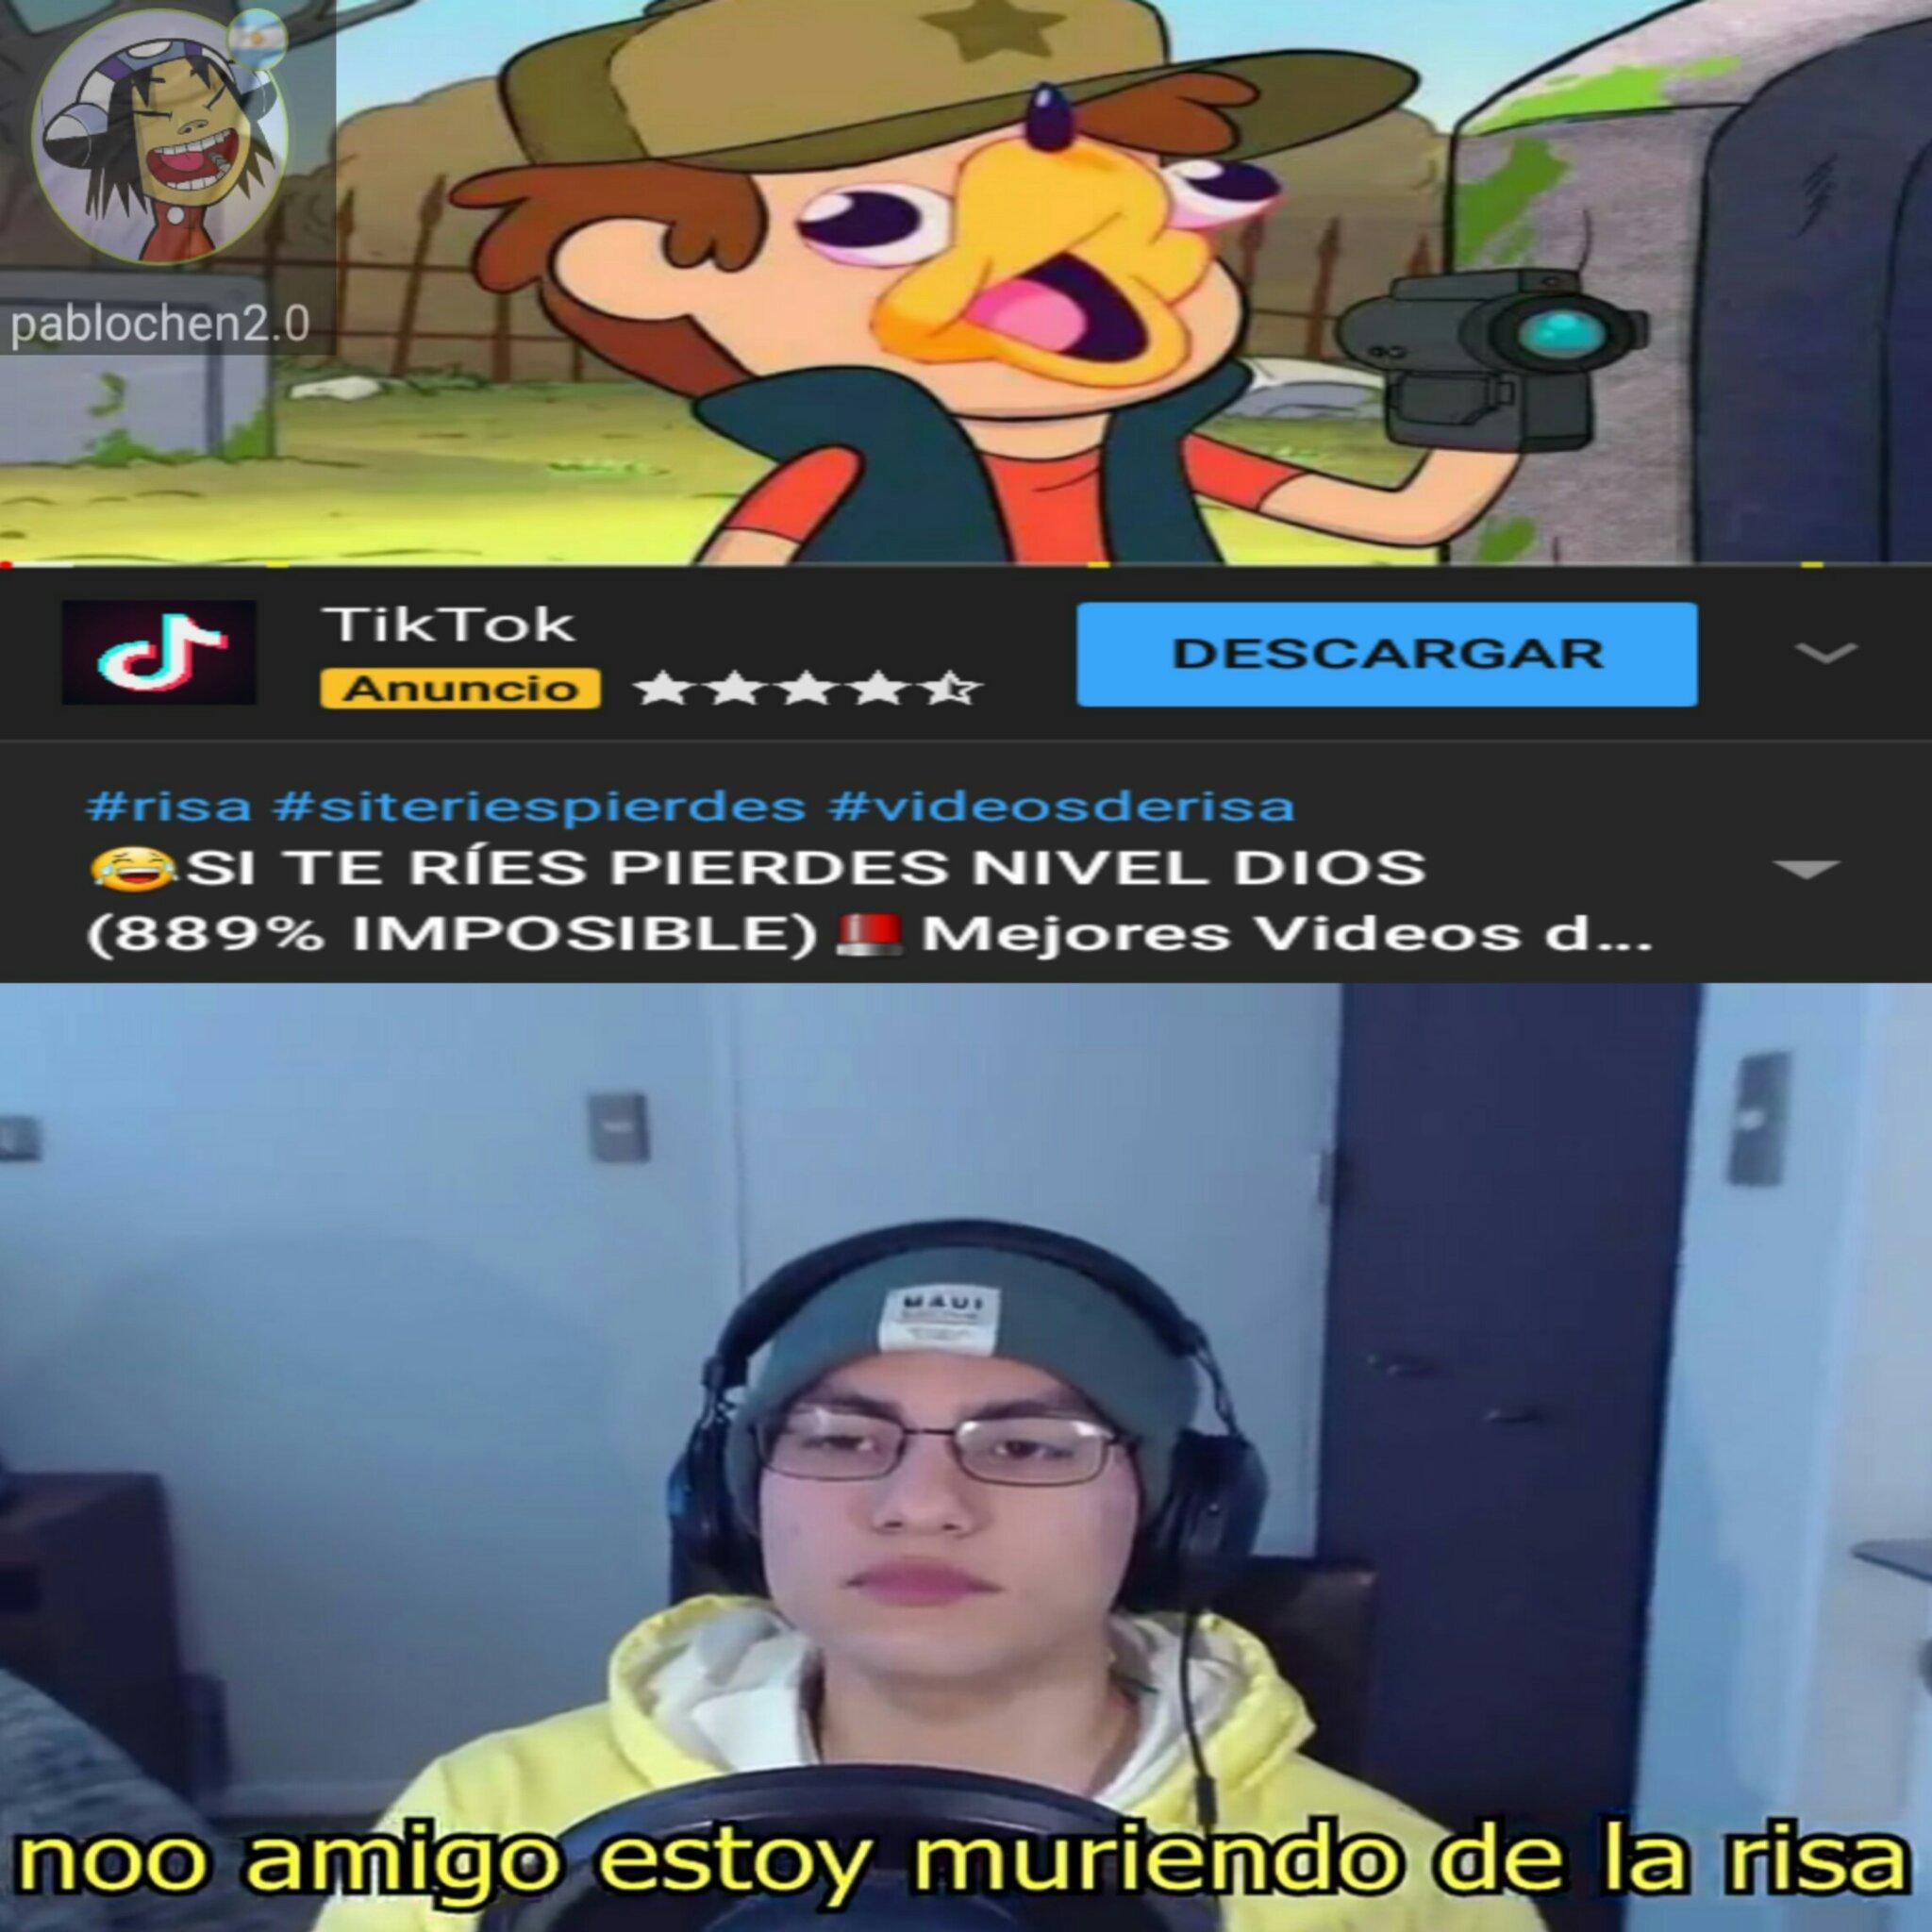 MEME DE MIERDA AAAAAAAAA